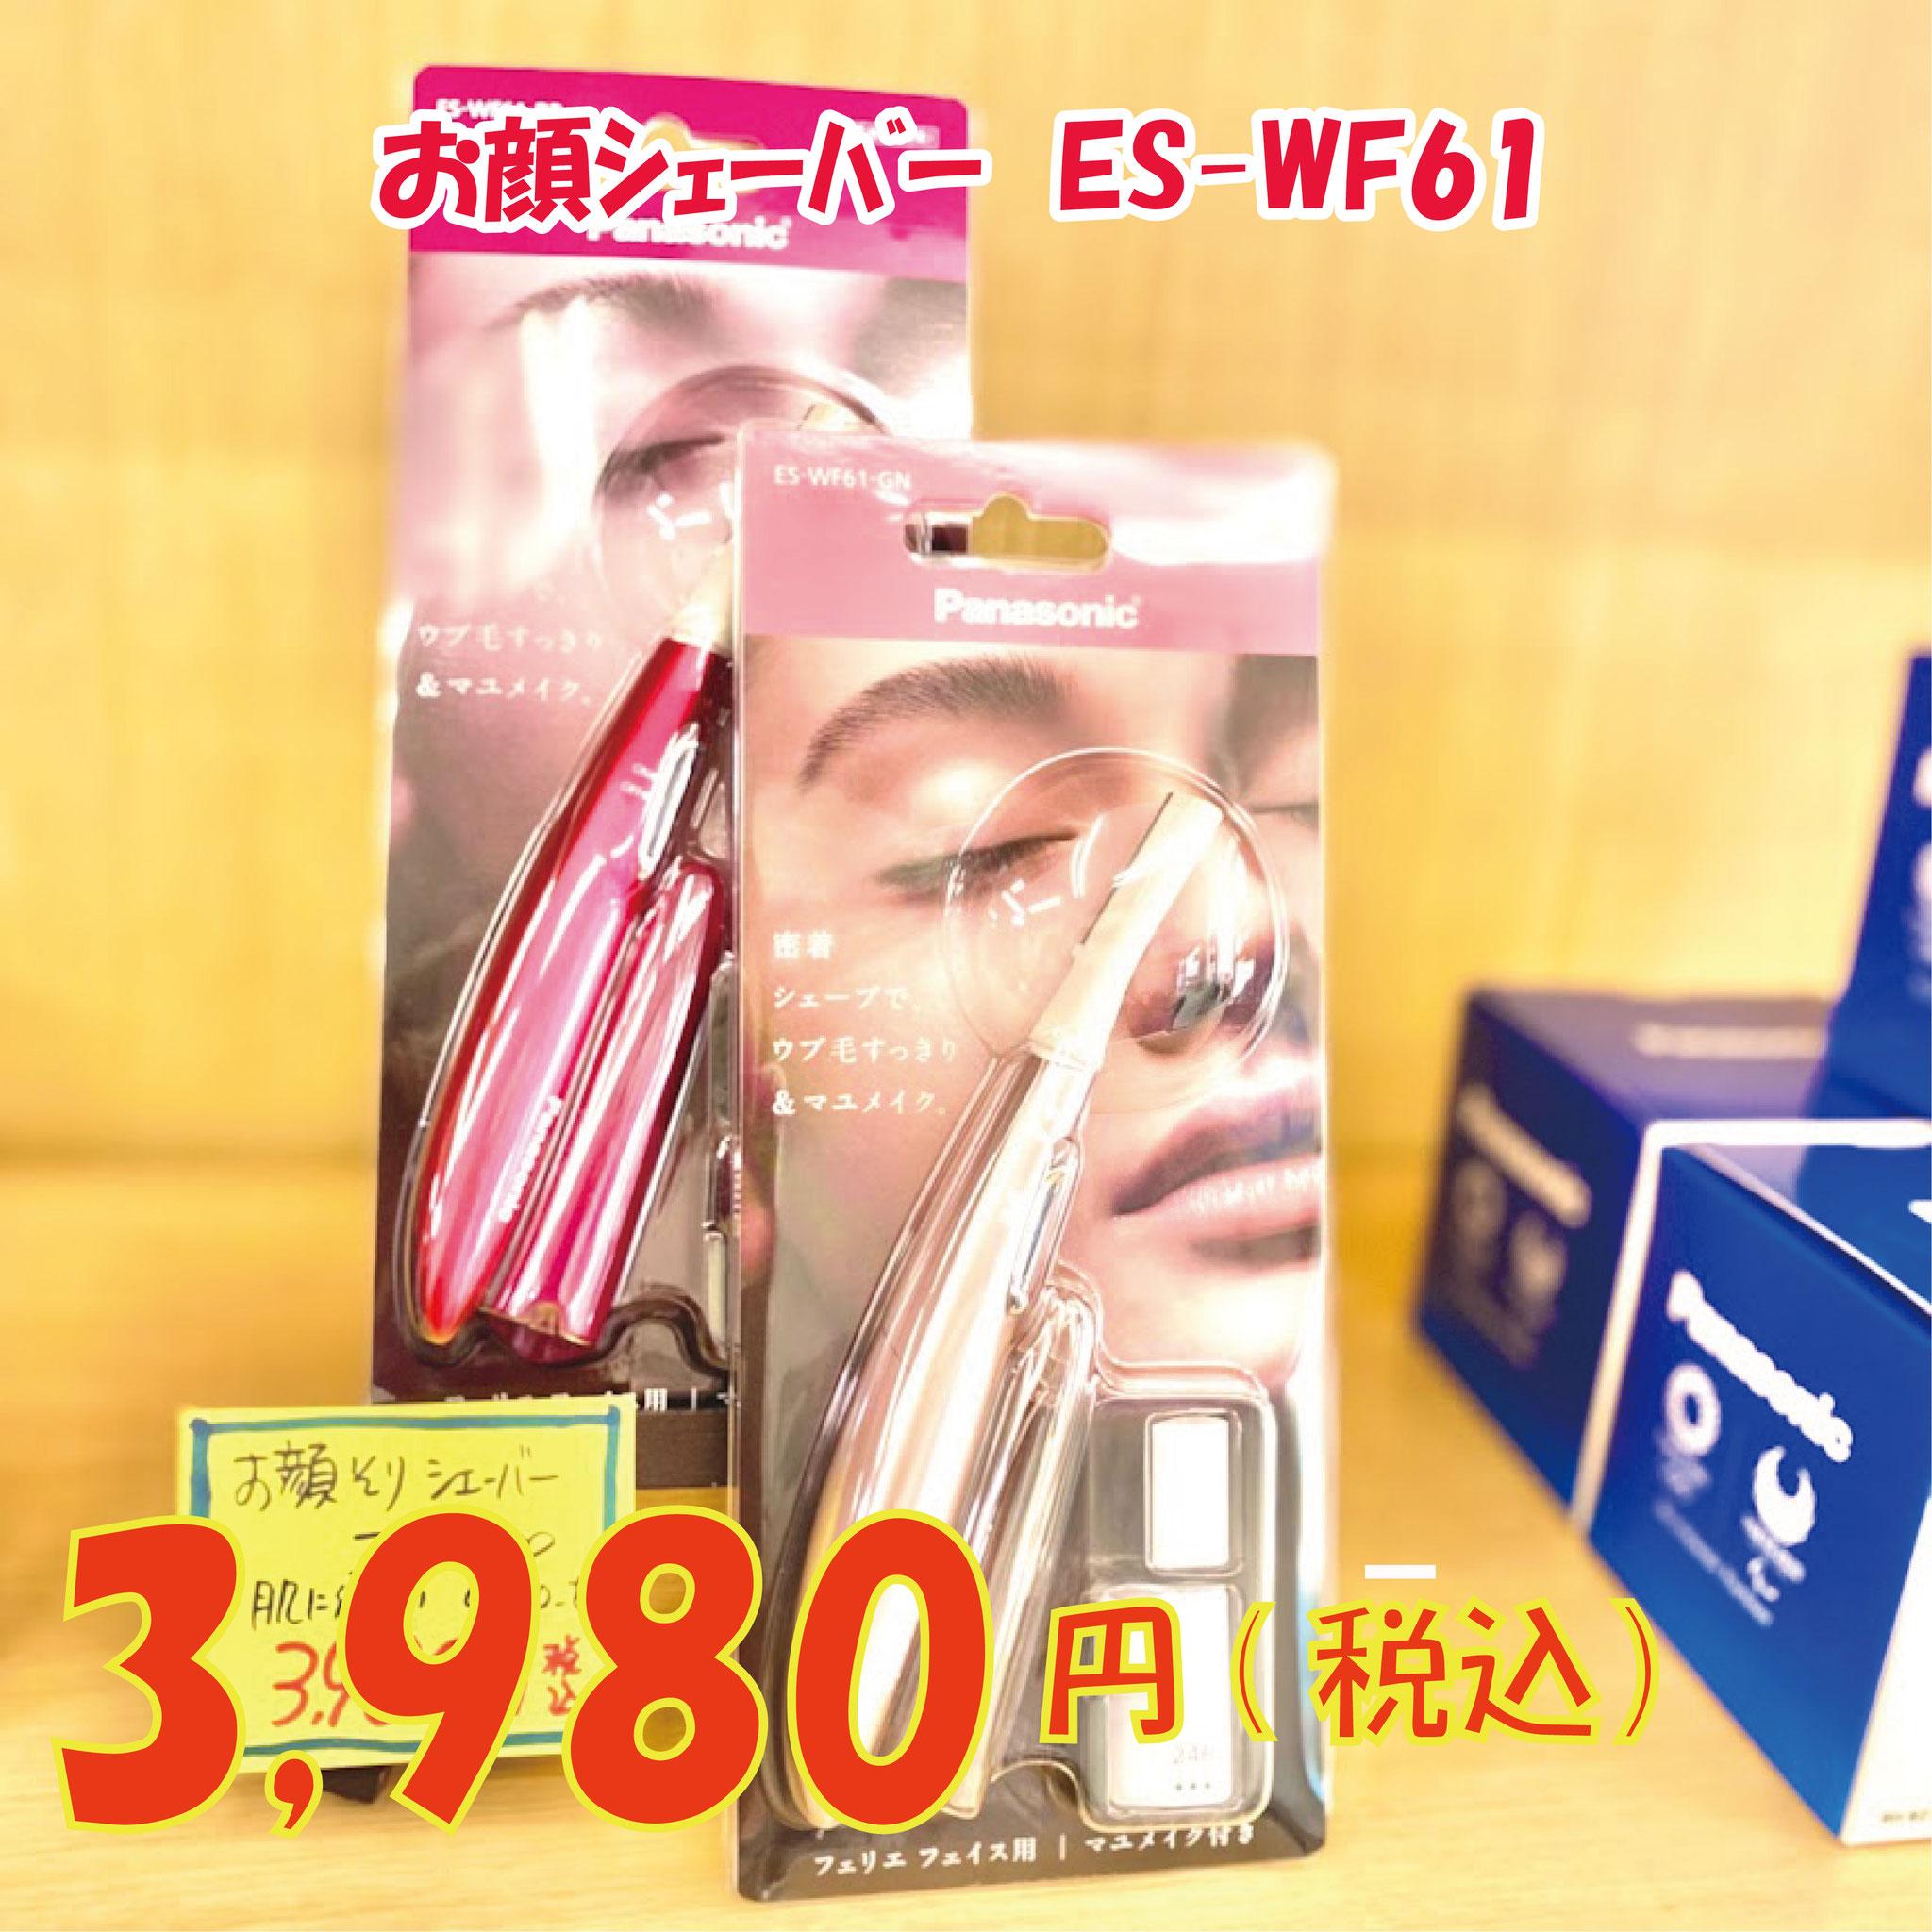 レディースお顔シェーバーフェリエ ES-WF61